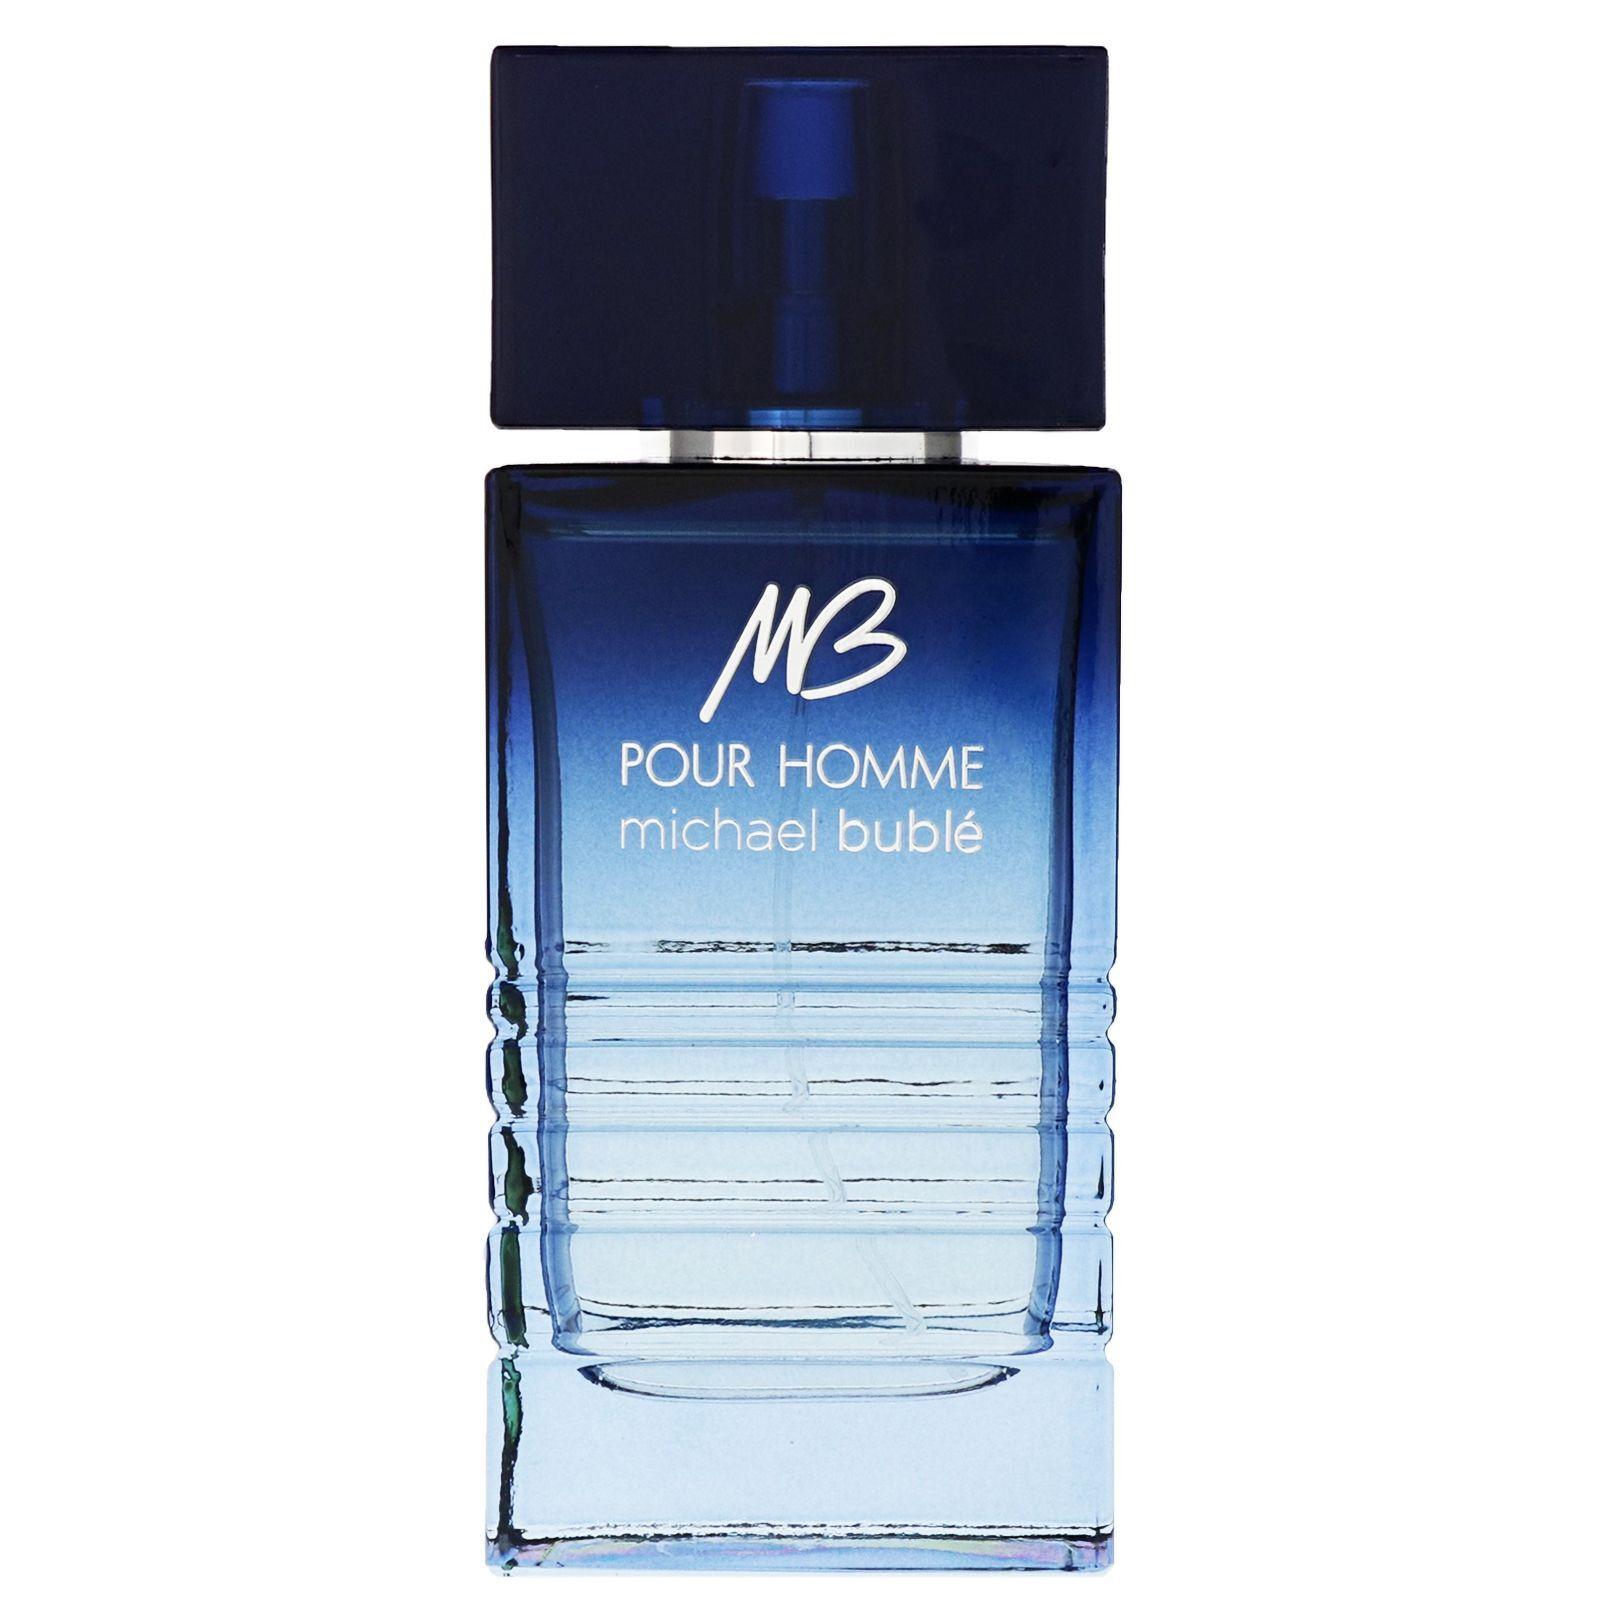 Michael Bublé - Pour Homme 120ml Eau de Parfum Spray for Men